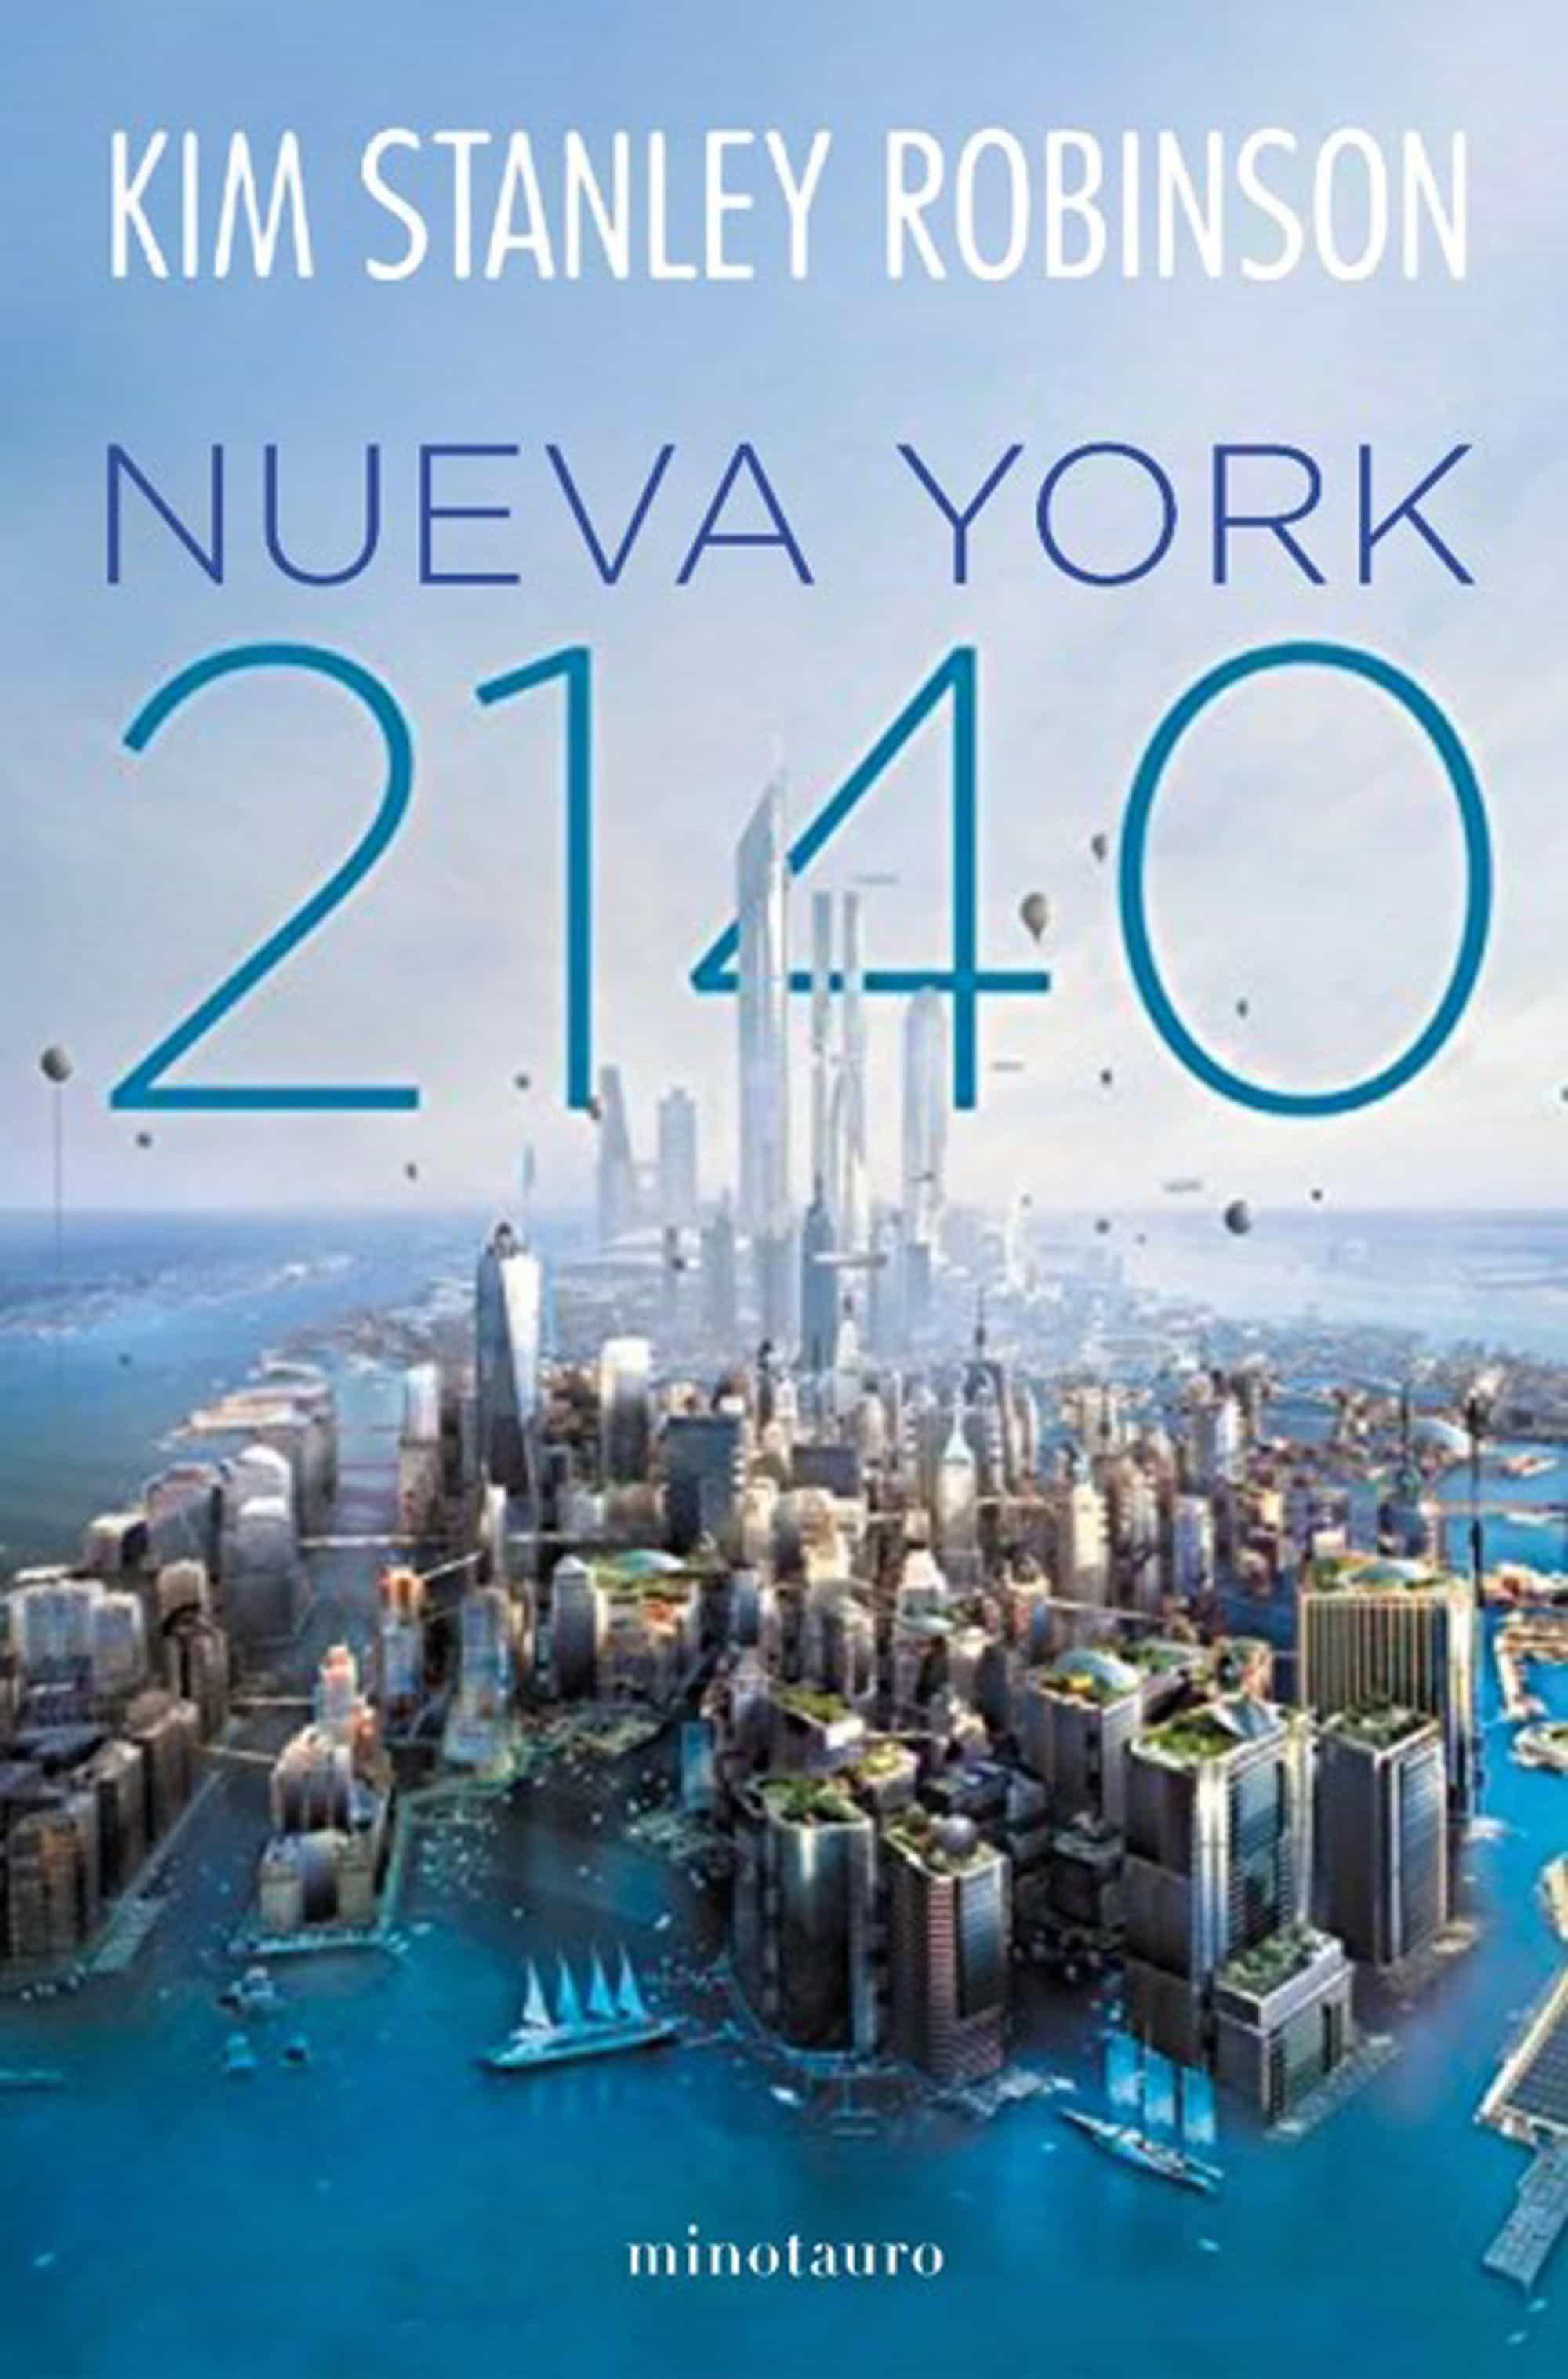 Resultado de imagen de Nueva York 2140 de Kim Stanley Robinson